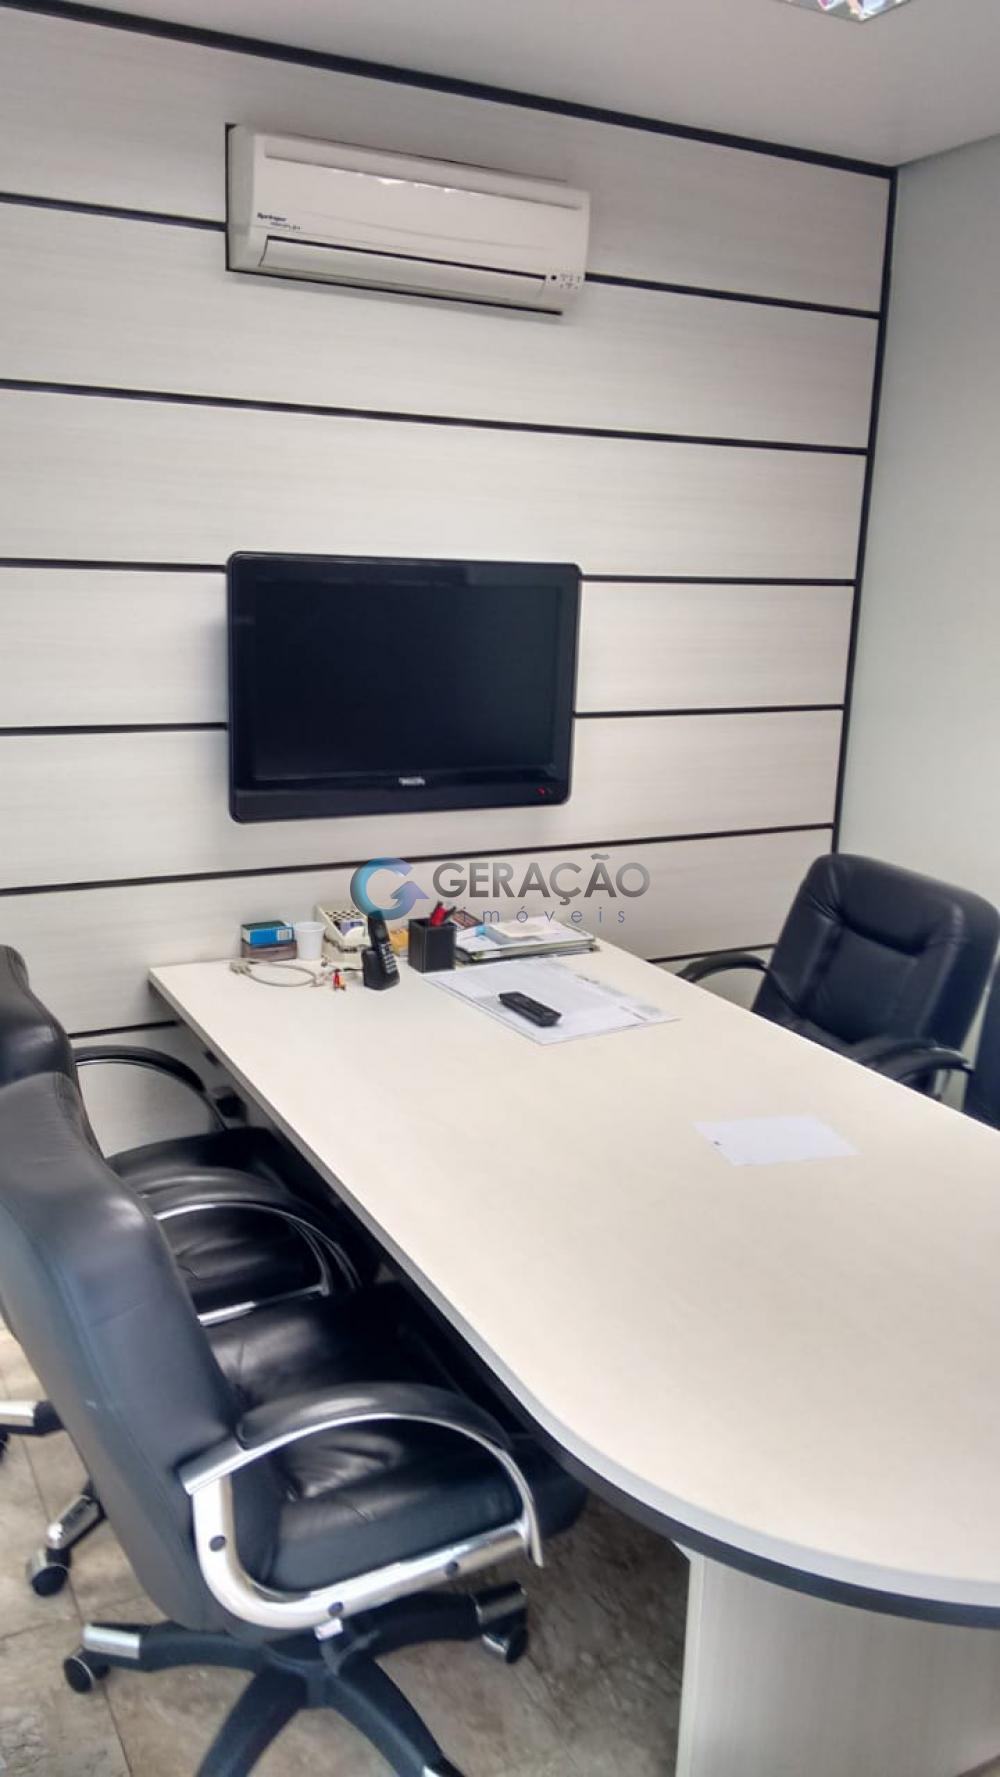 Alugar Comercial / Sala em Condomínio em São José dos Campos R$ 5.000,00 - Foto 7